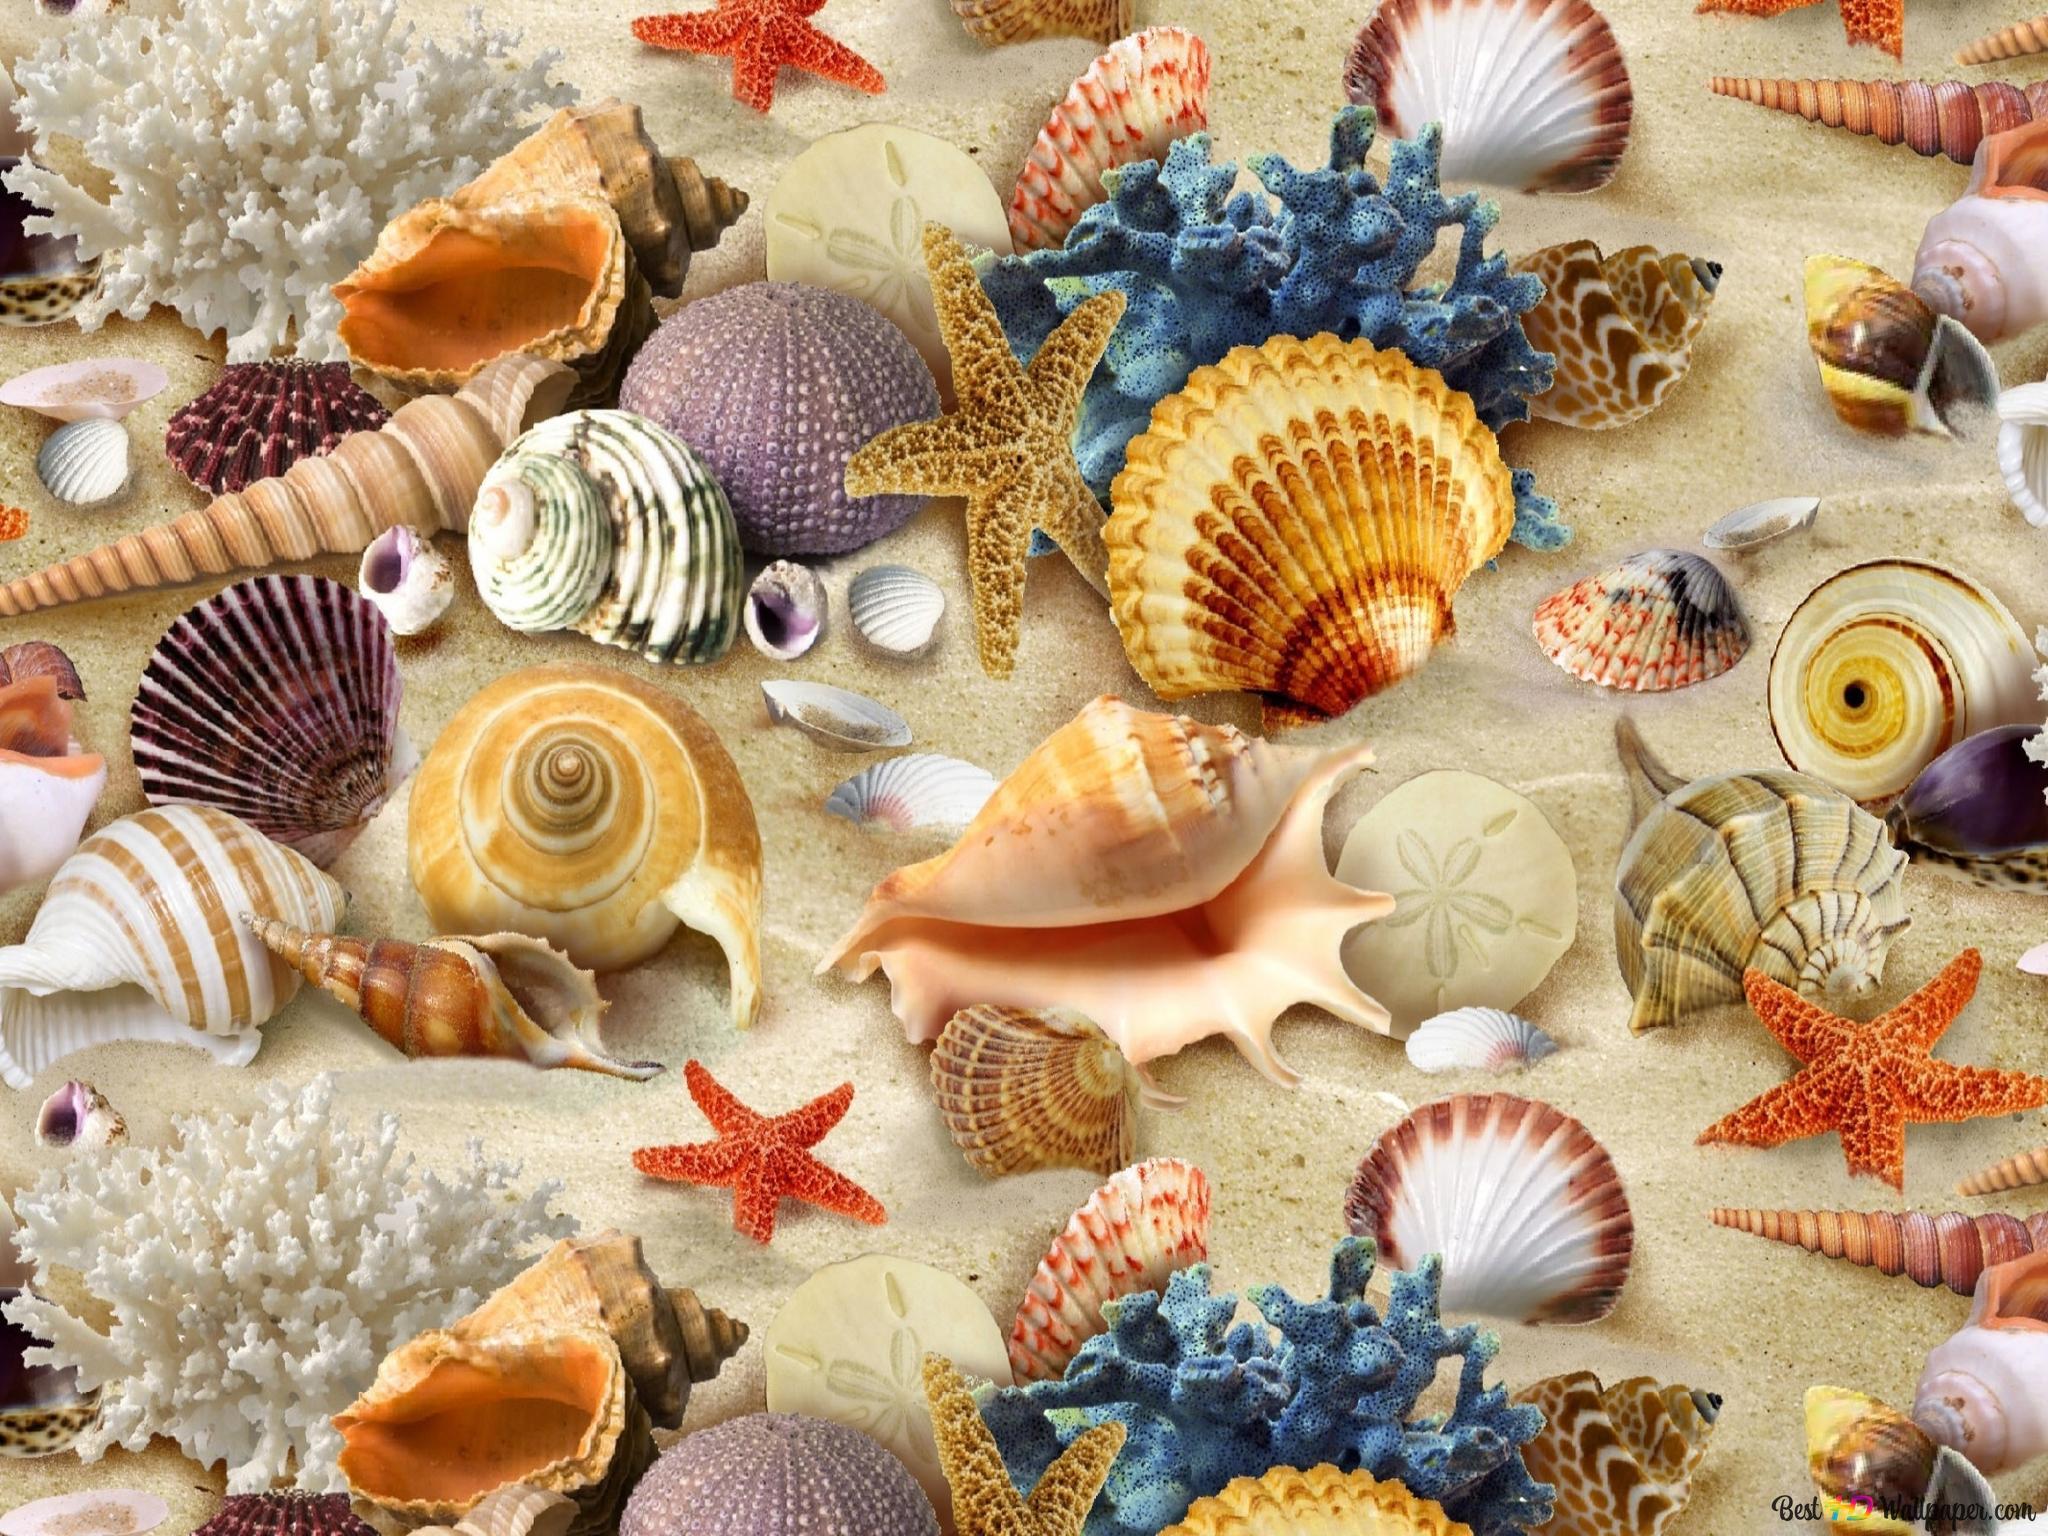 貝殻 Hd壁紙のダウンロード